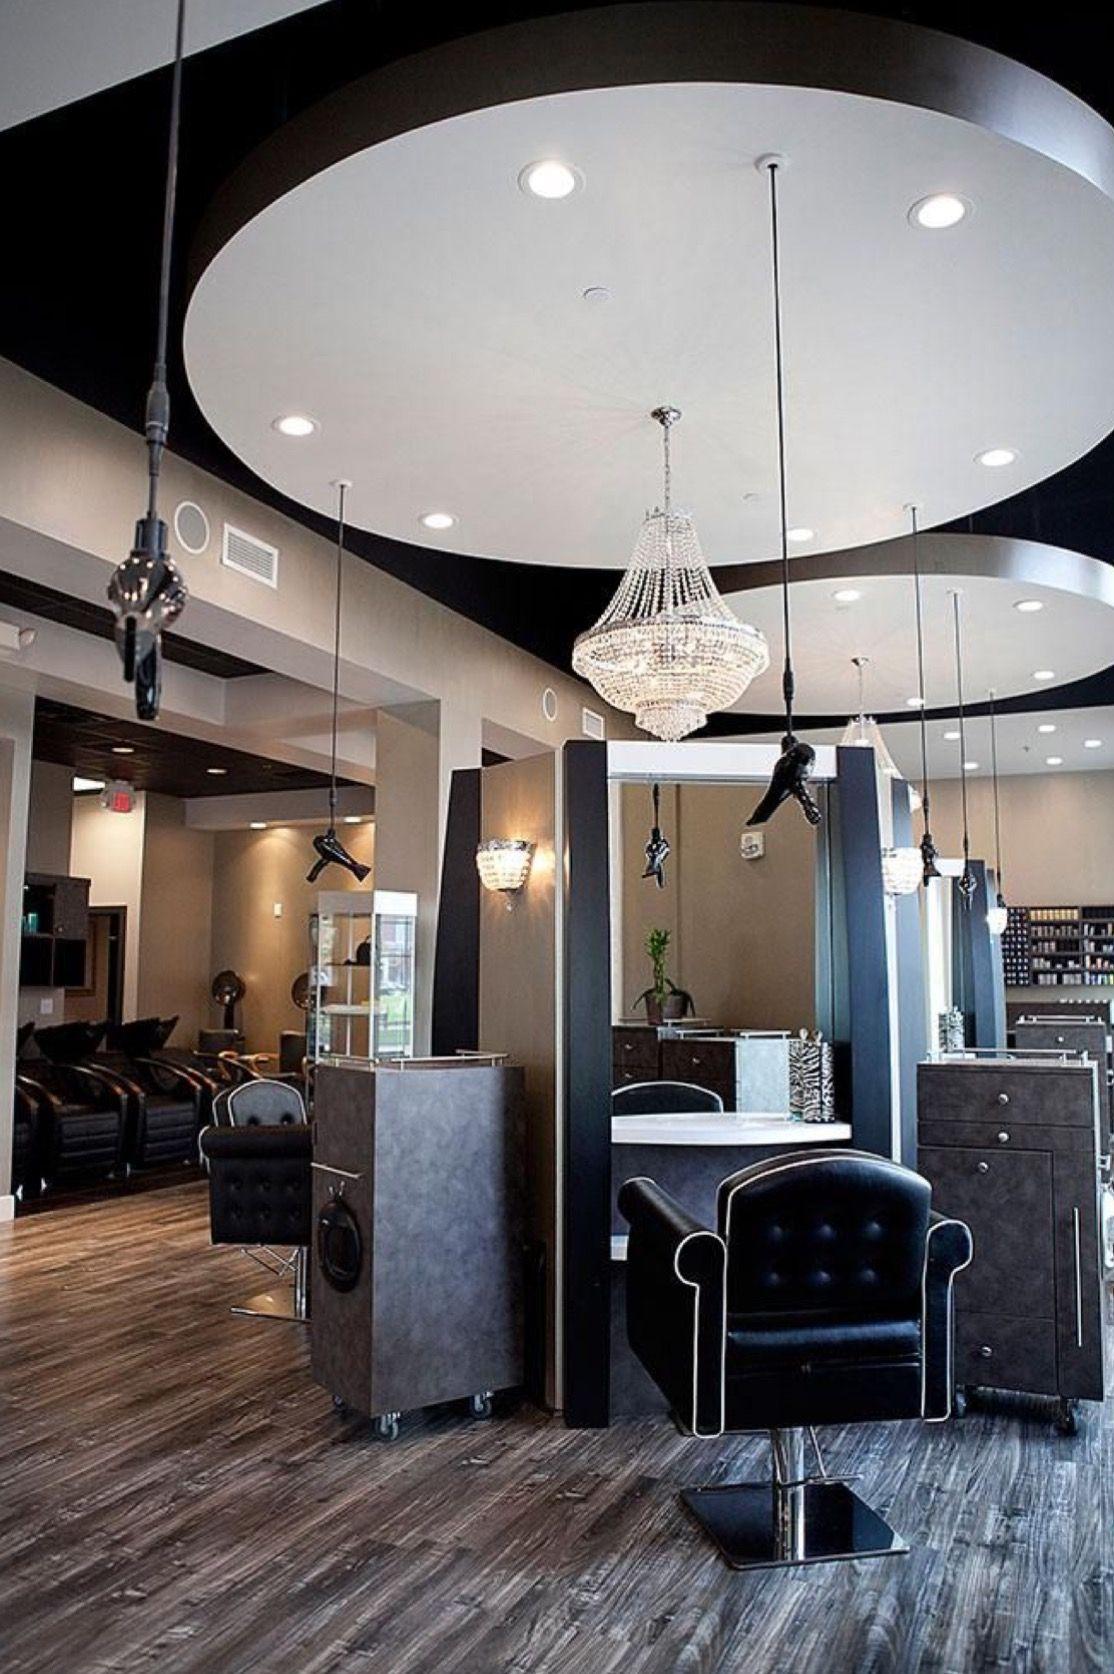 Sleek, sophisticated hair salon decor. | Hair salon decor, Beauty salon decor